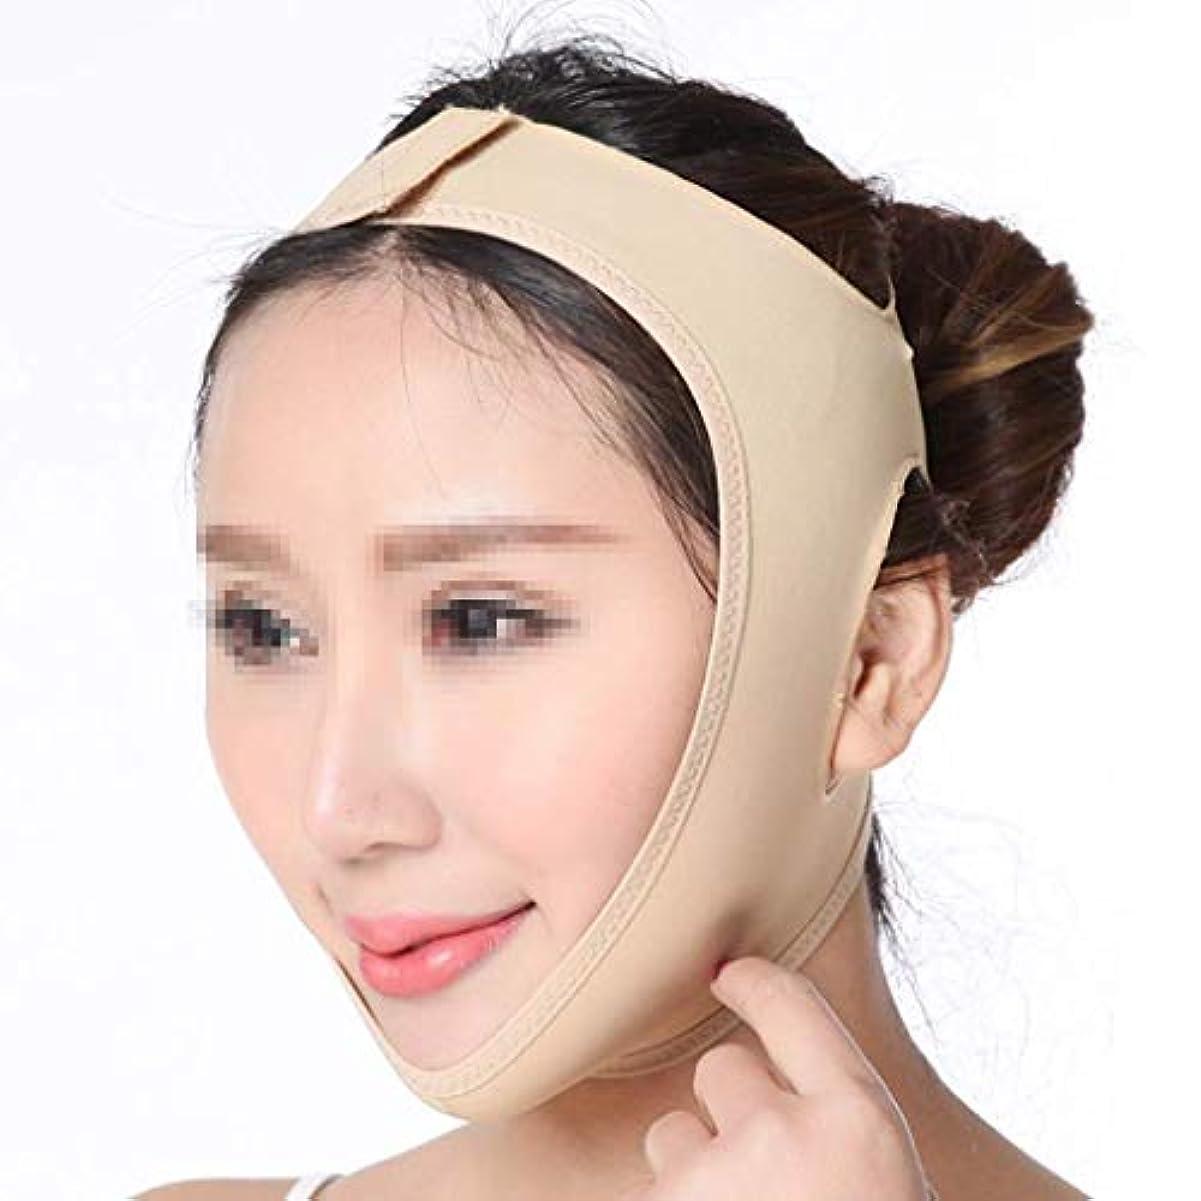 留まるサミットそうビューティーマスク、回復後のラインカービングダブルチンフェイスリフトアーティファクトフェイススモールVフェイスインストゥルメントバンデージリフティングケアヘッドギア(サイズ:L)